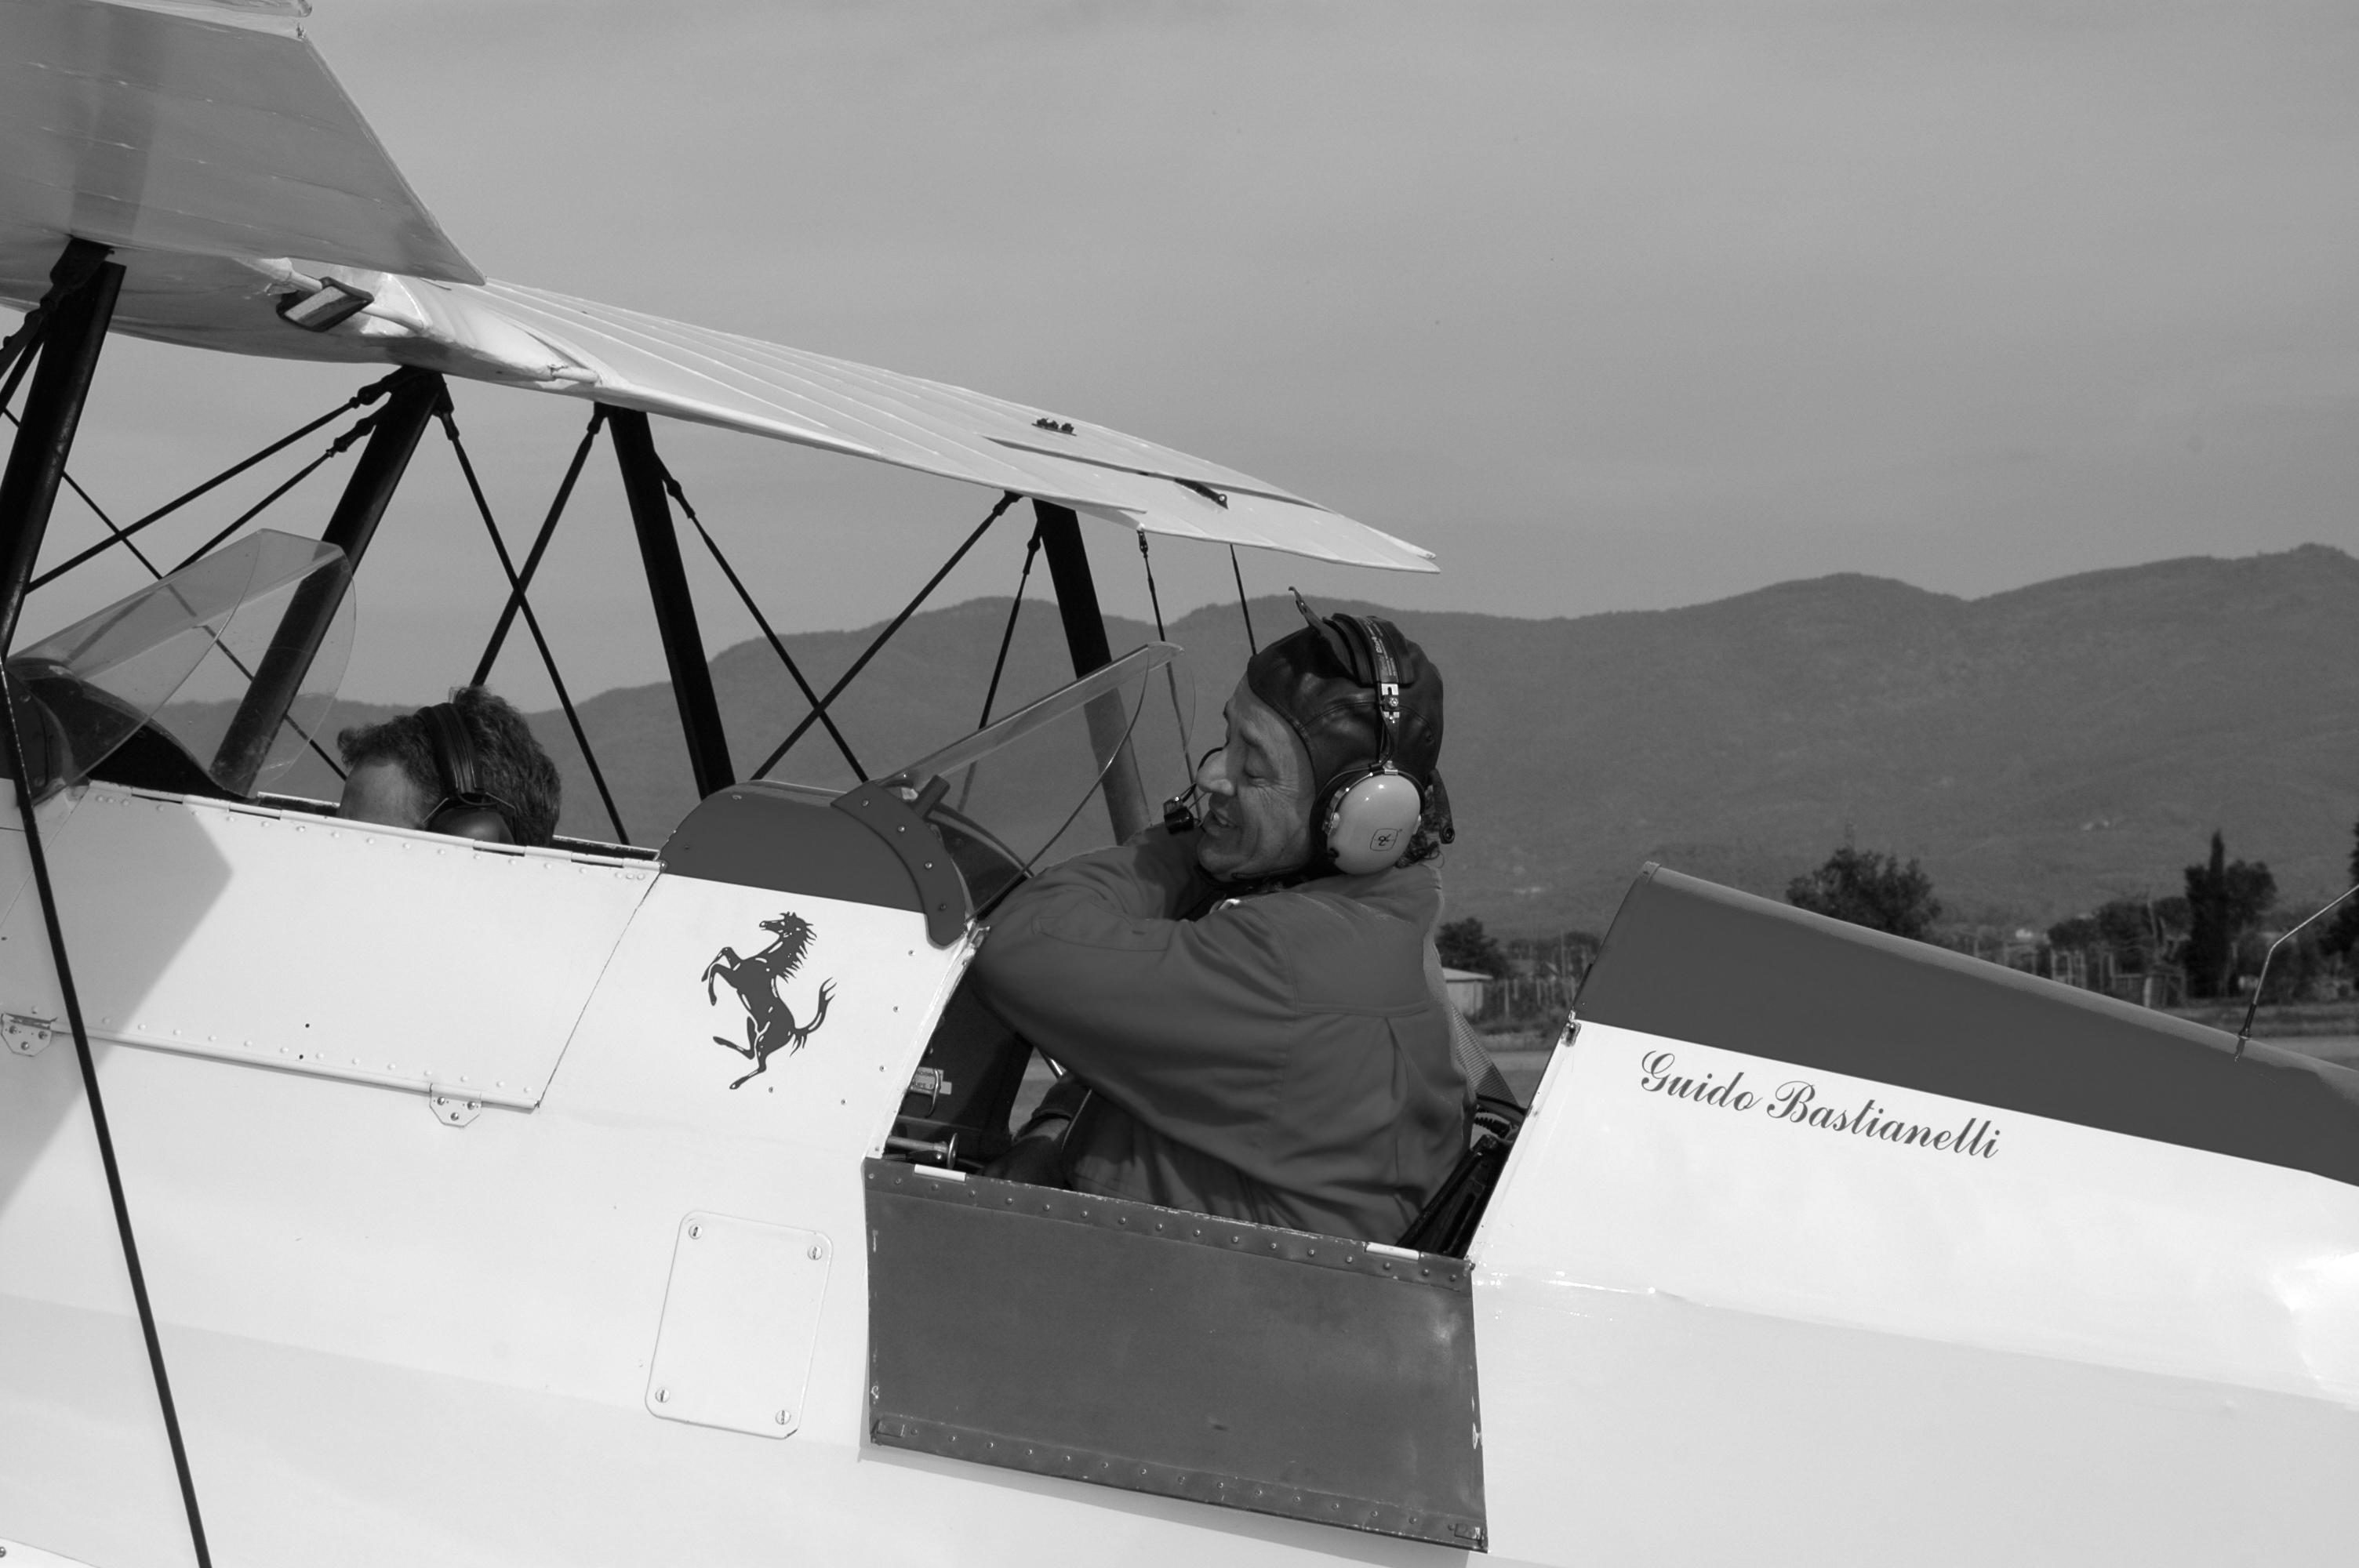 Attivit di volo prof dott guido bastianelli - Diversi tipi di turismo ...